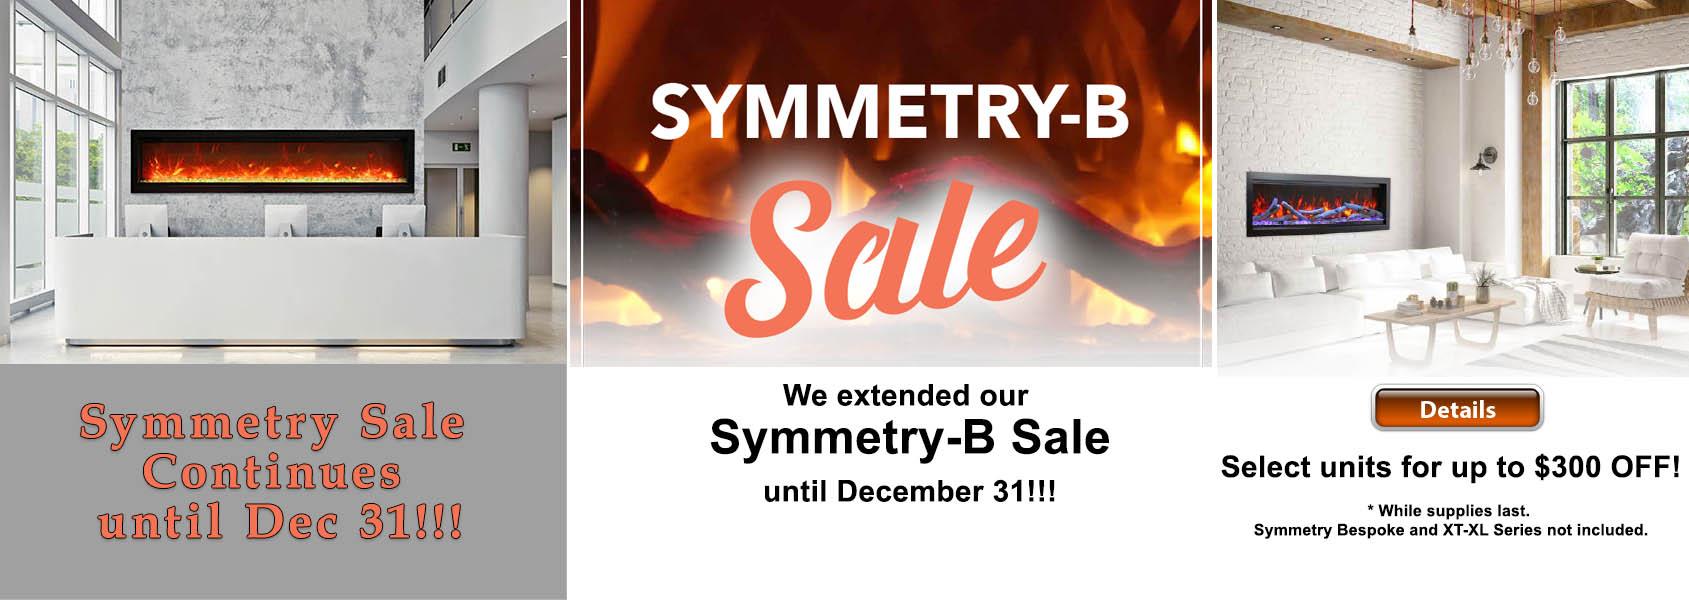 SYM-B sale